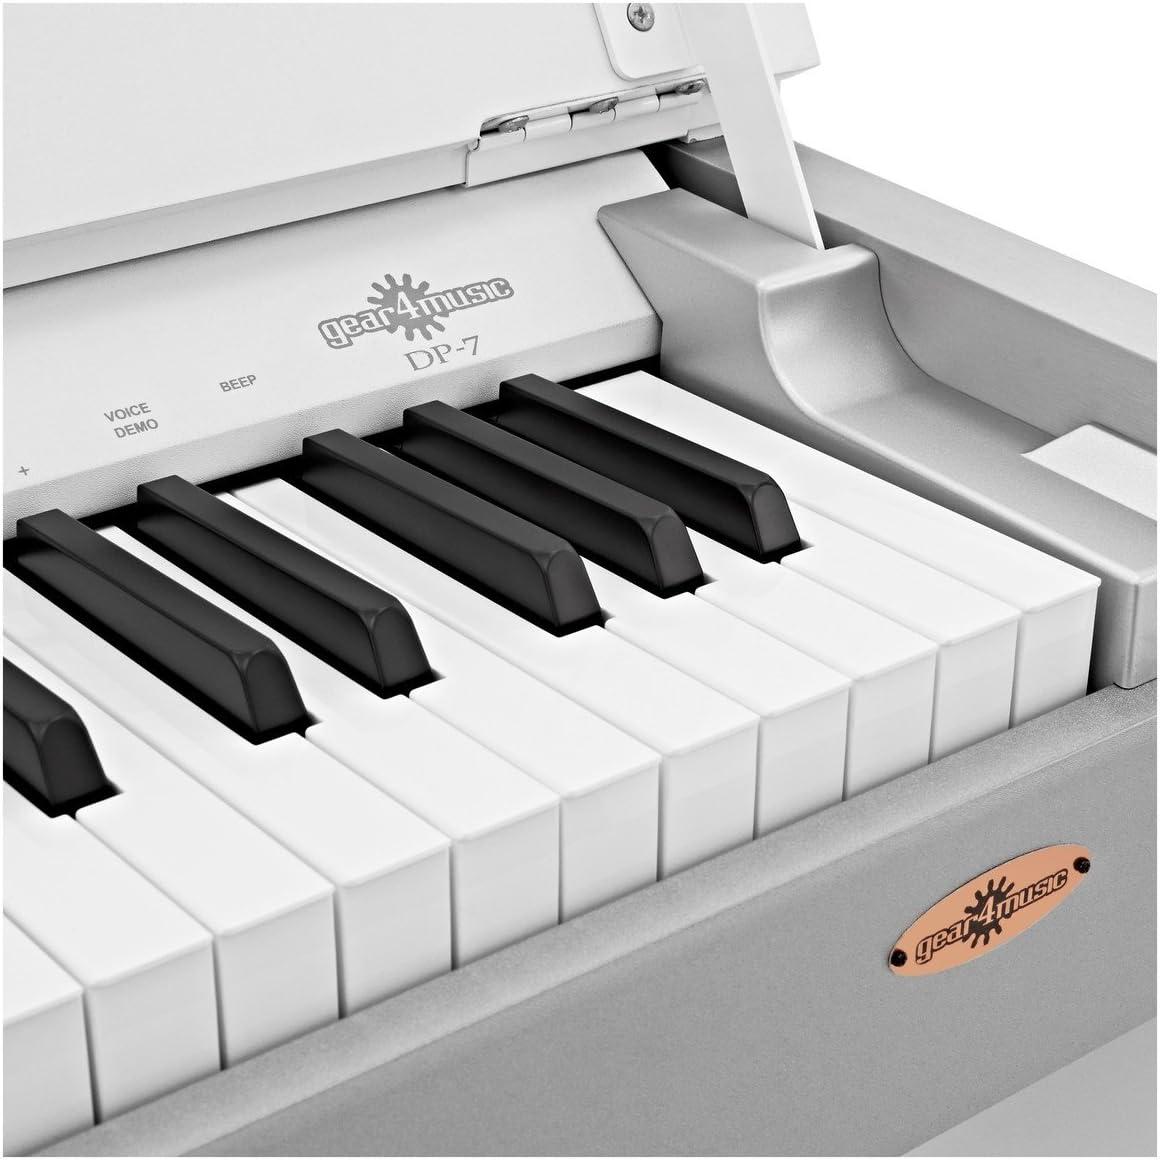 Piano Digital Compacto DP-7 de Gear4music + Paquete de Accesorios Blanco